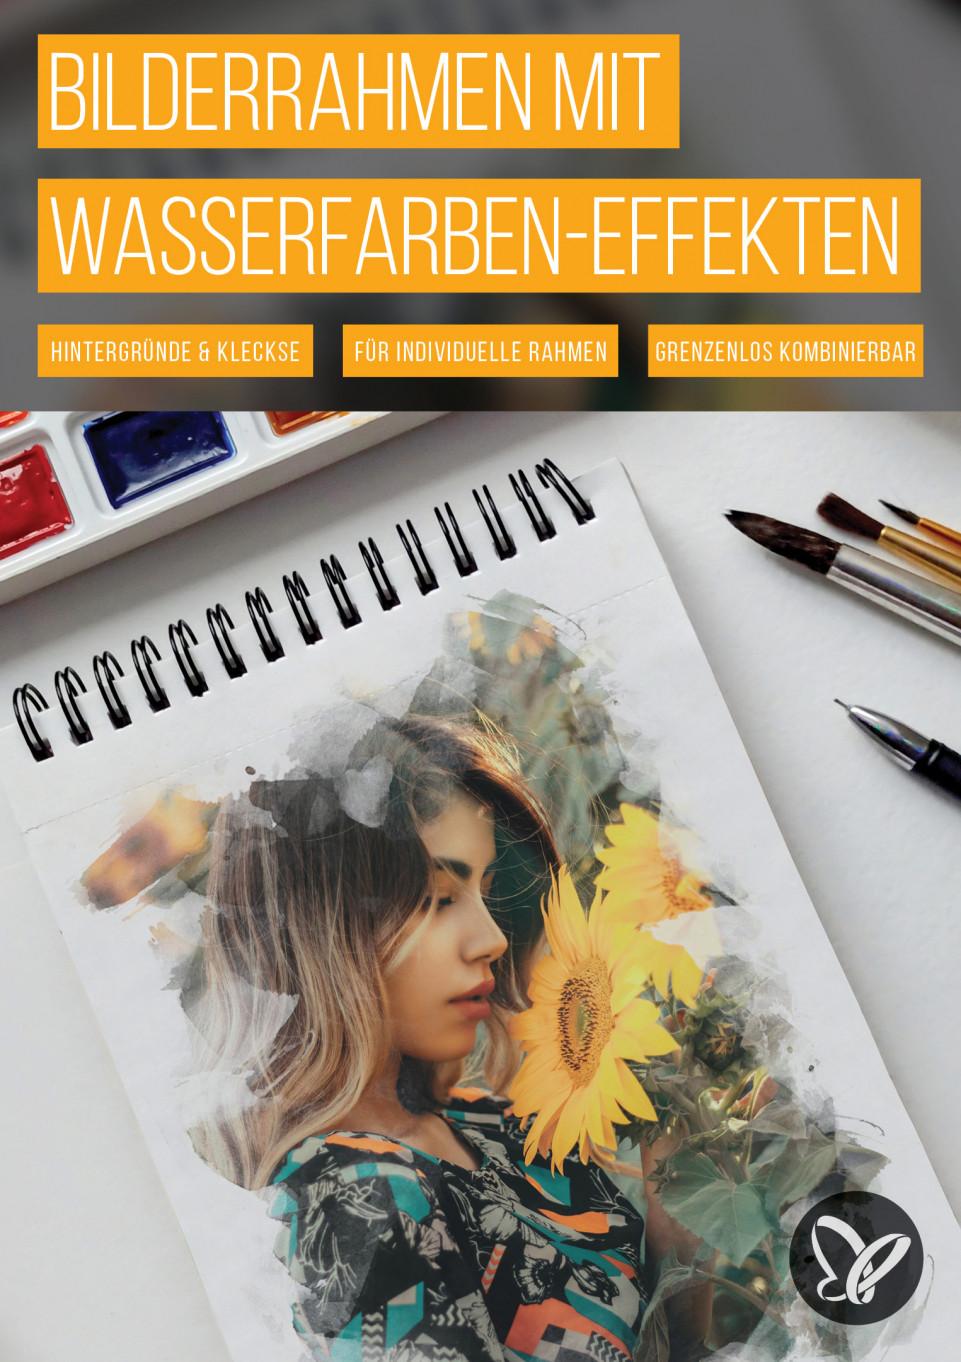 Kreativ-Set: Portrait-Bilderrahmen mit Wasserfarben-Effekten für Photoshop & Co.